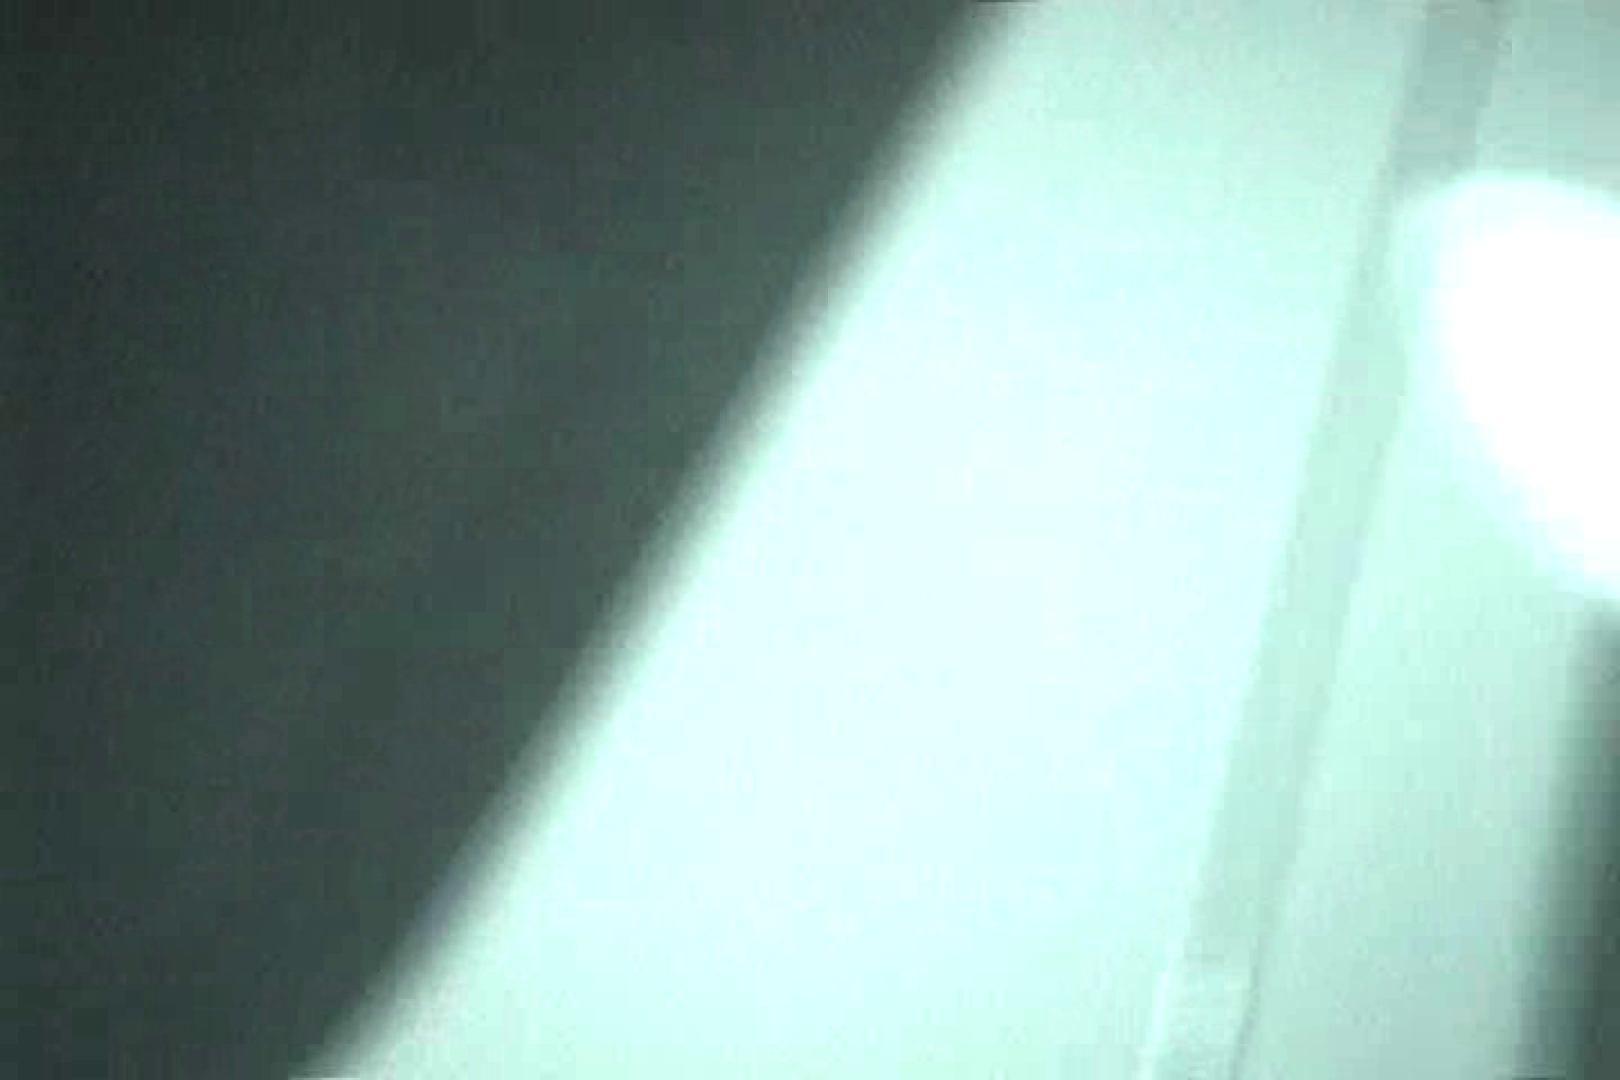 「充血監督」さんの深夜の運動会!! vol.102 爆乳ギャル おめこ無修正動画無料 67pic 55